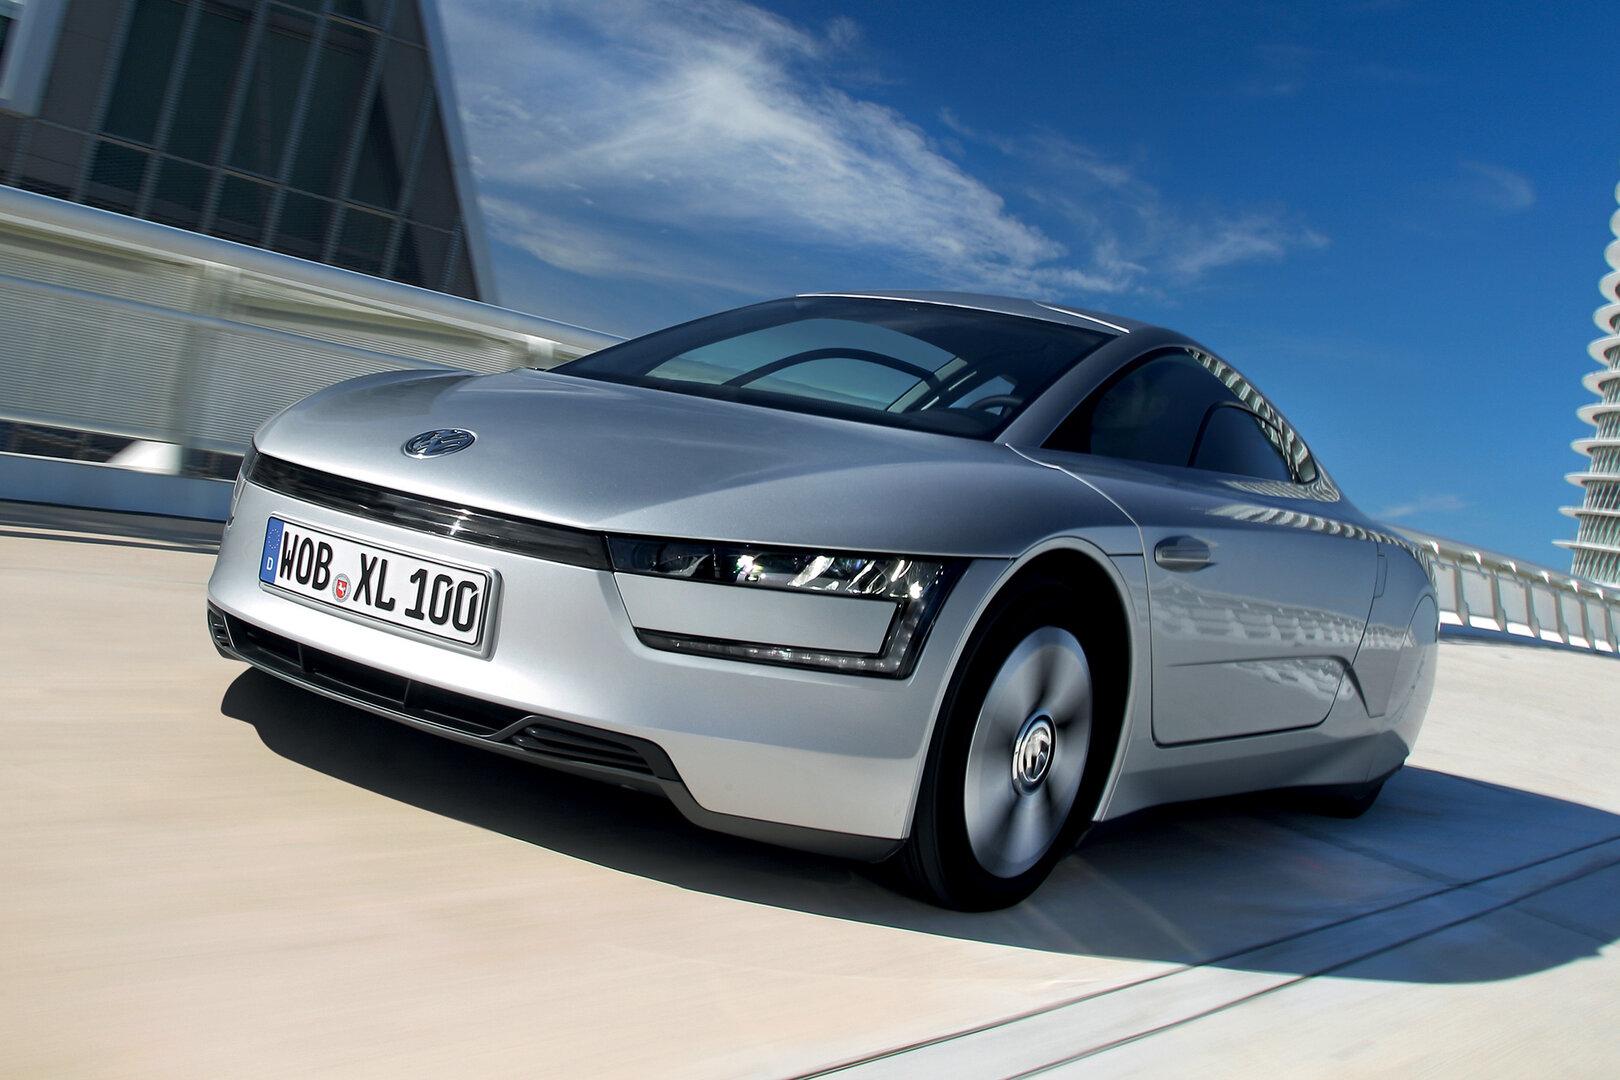 Coche del día: Volkswagen XL1